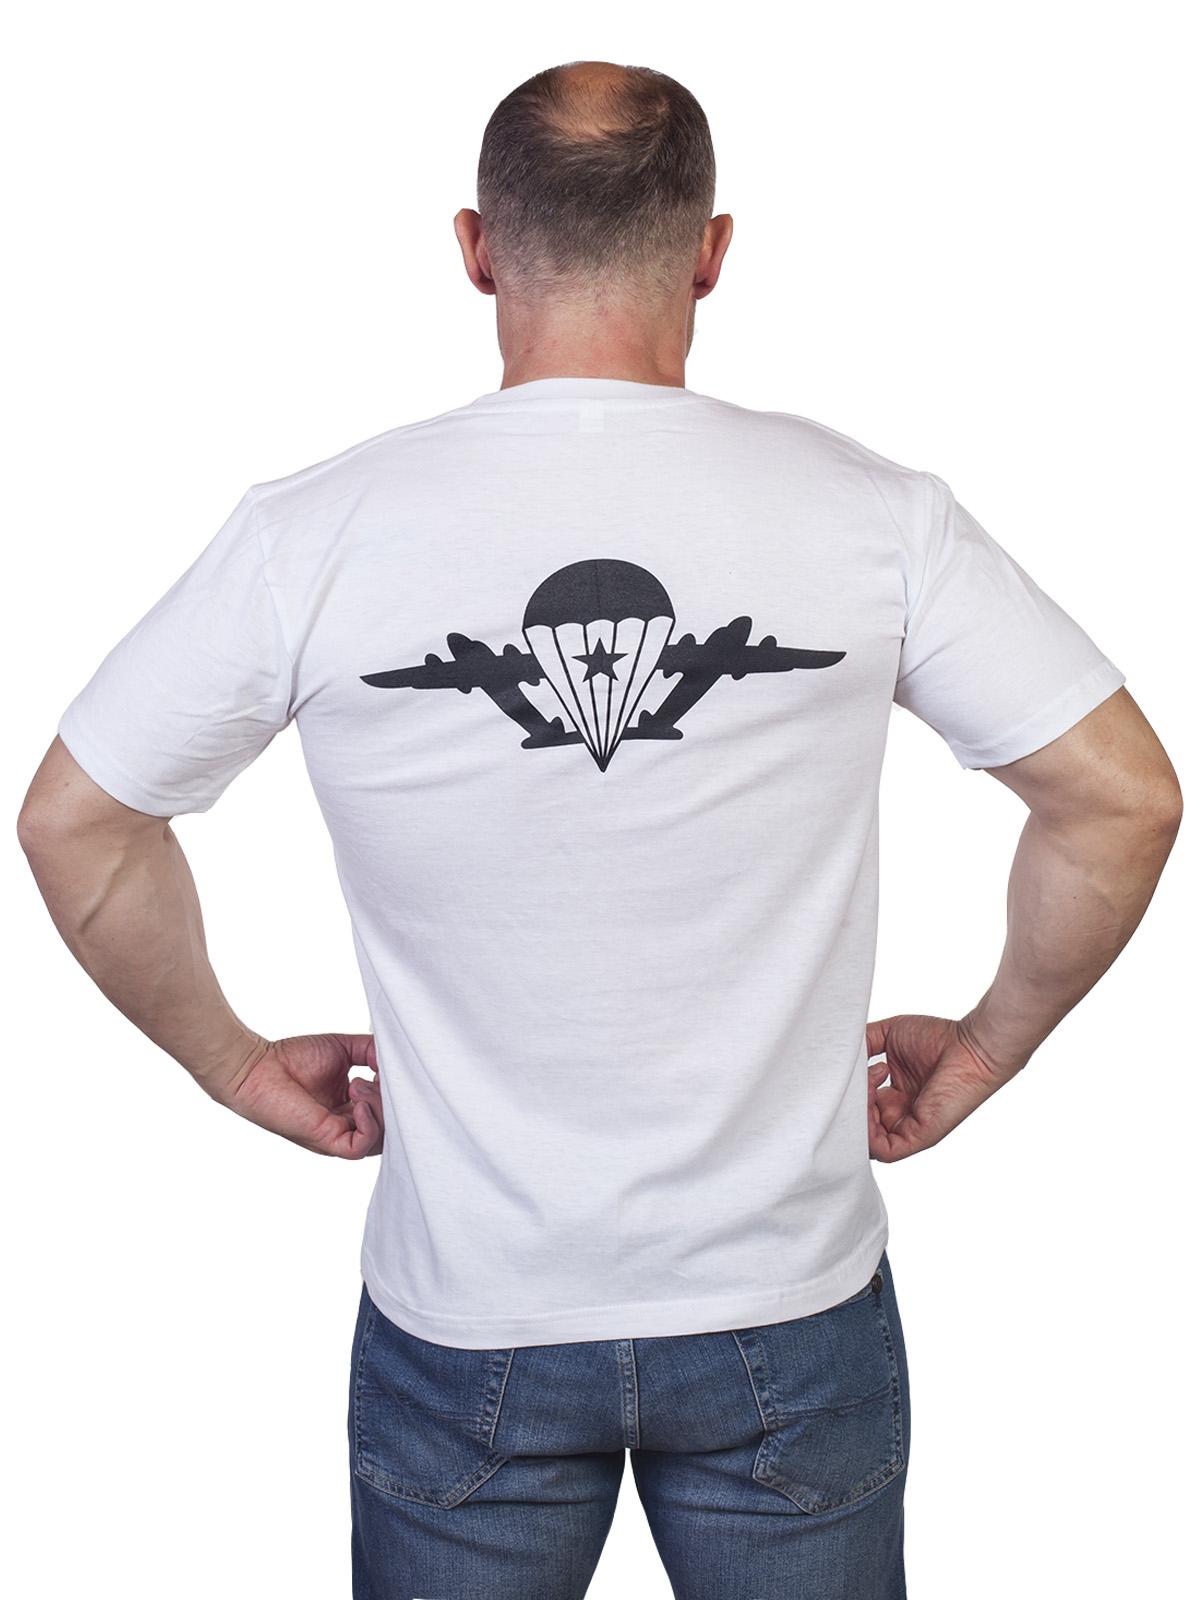 Футболка ВДВ «Крылья» - лучший подарок на день десантника - купить онлайн